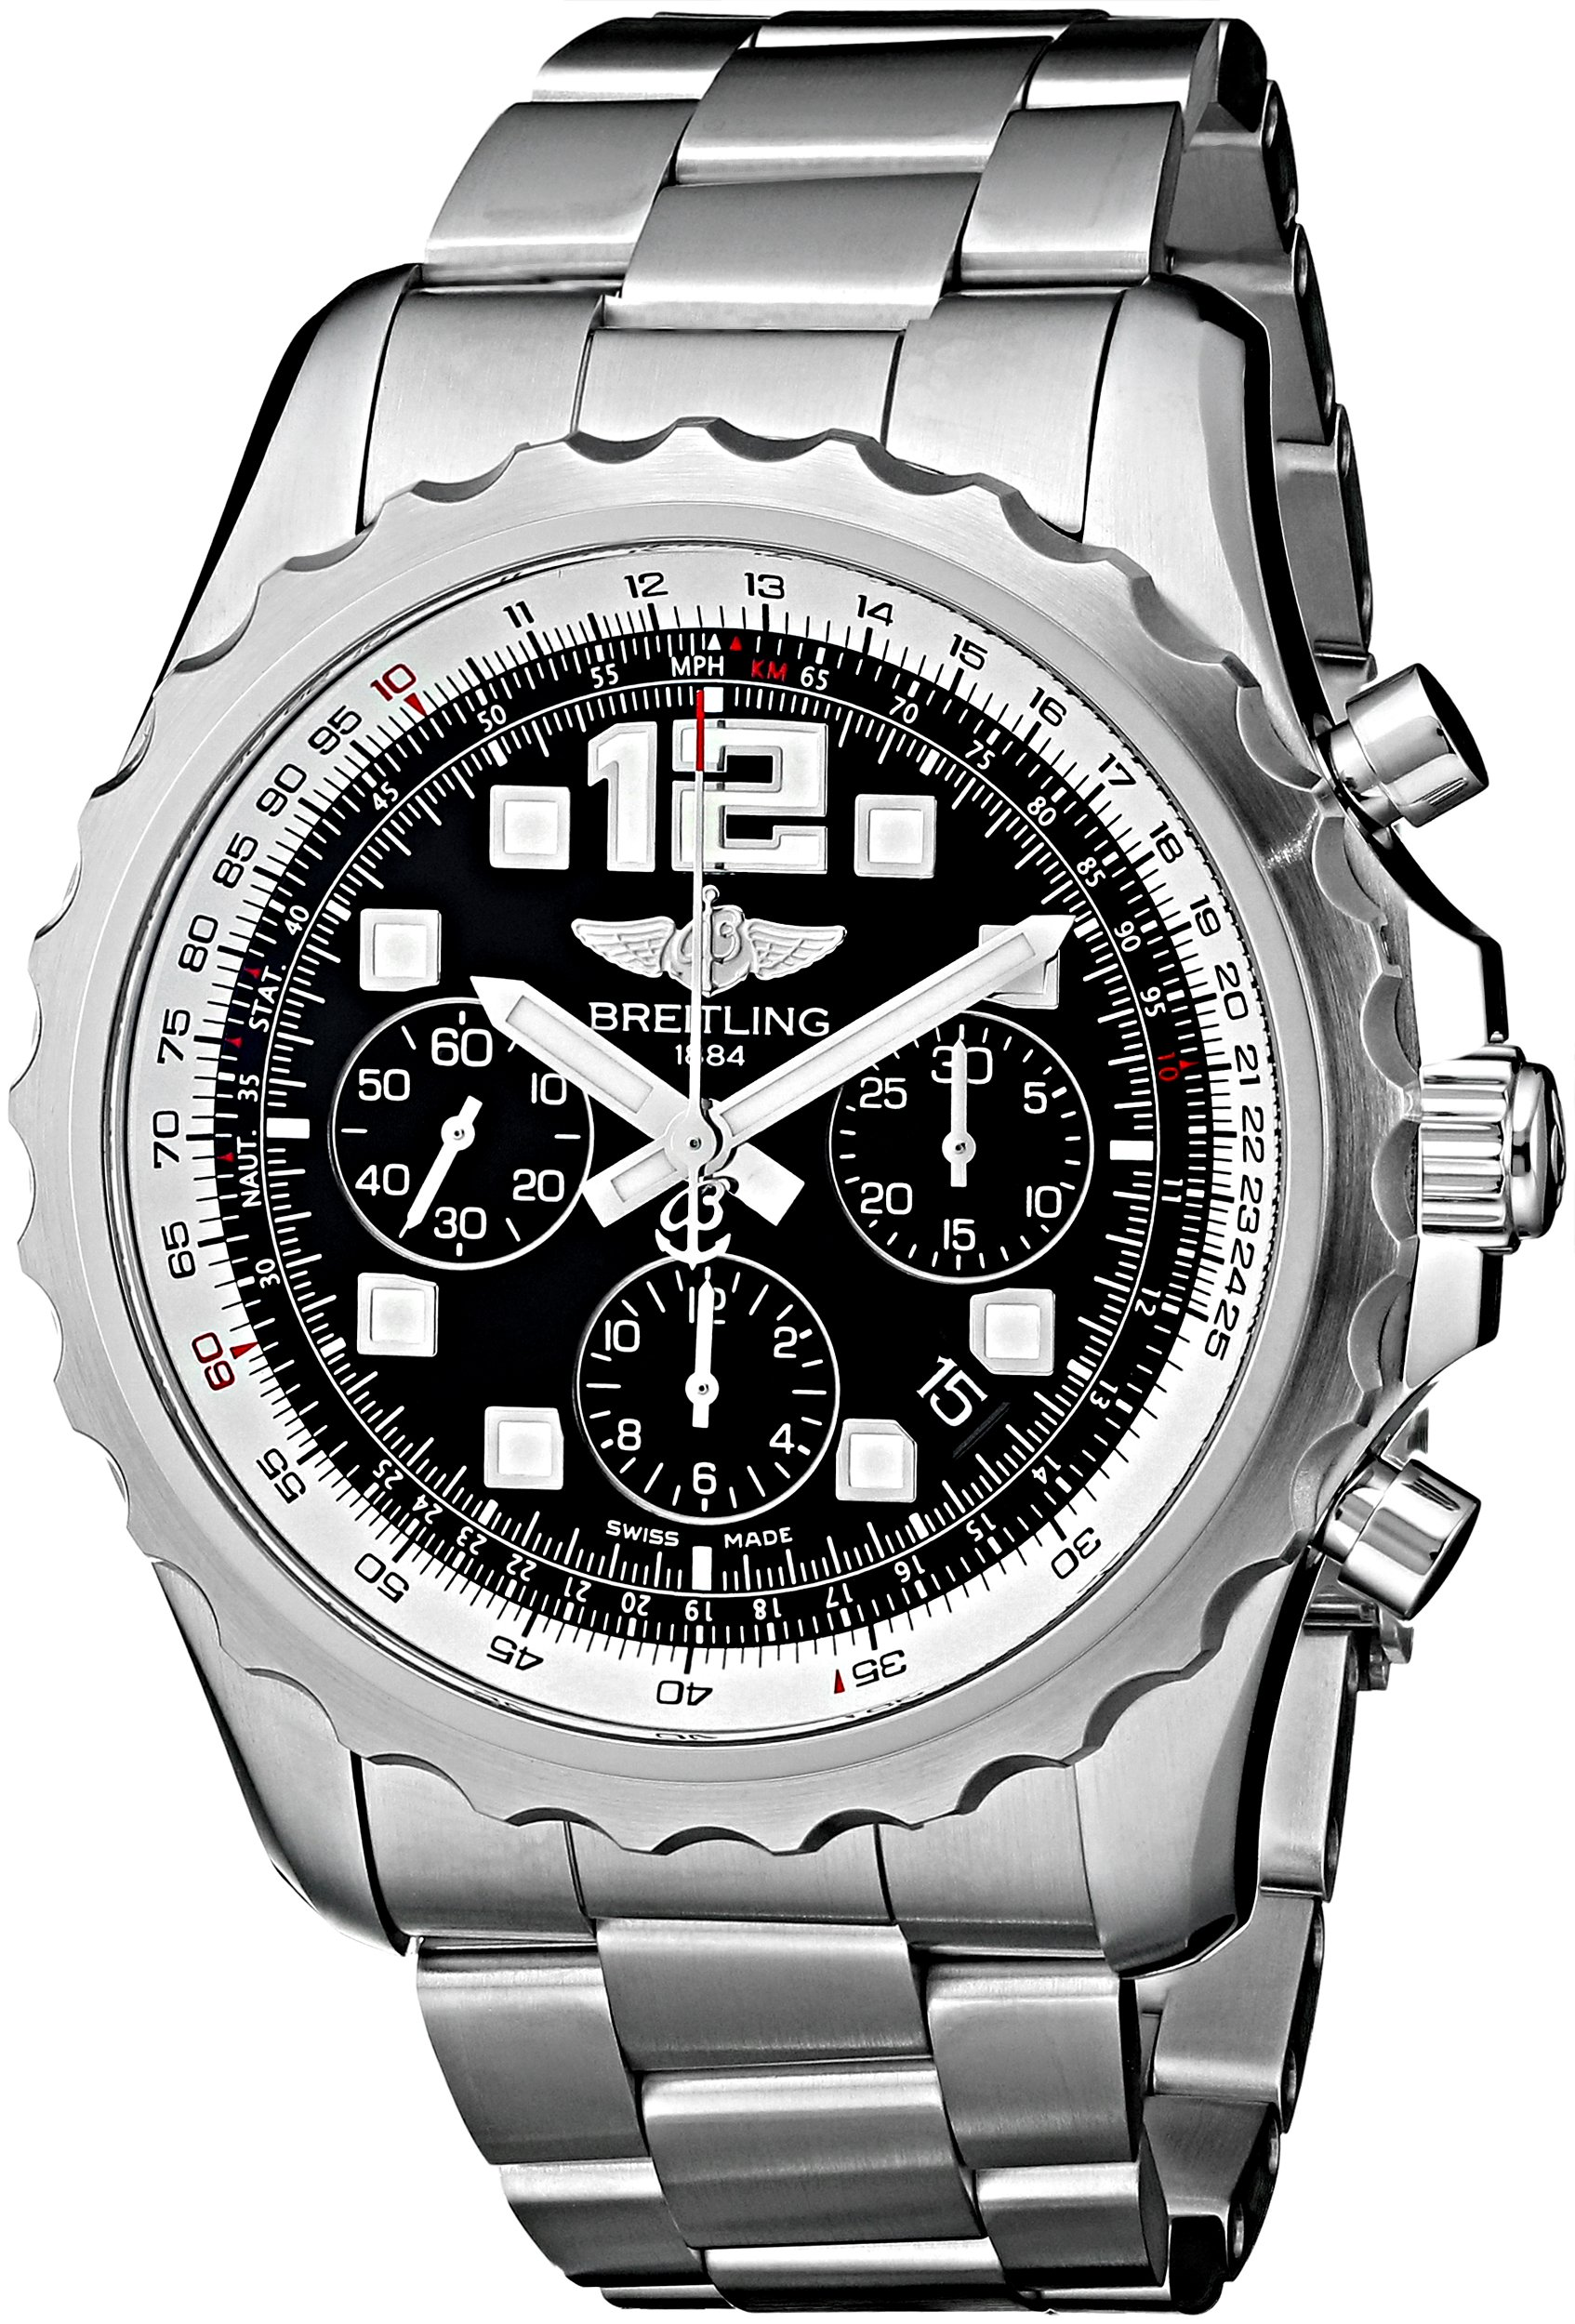 Montre Breitling A2336035 BA68 Les montres suisses